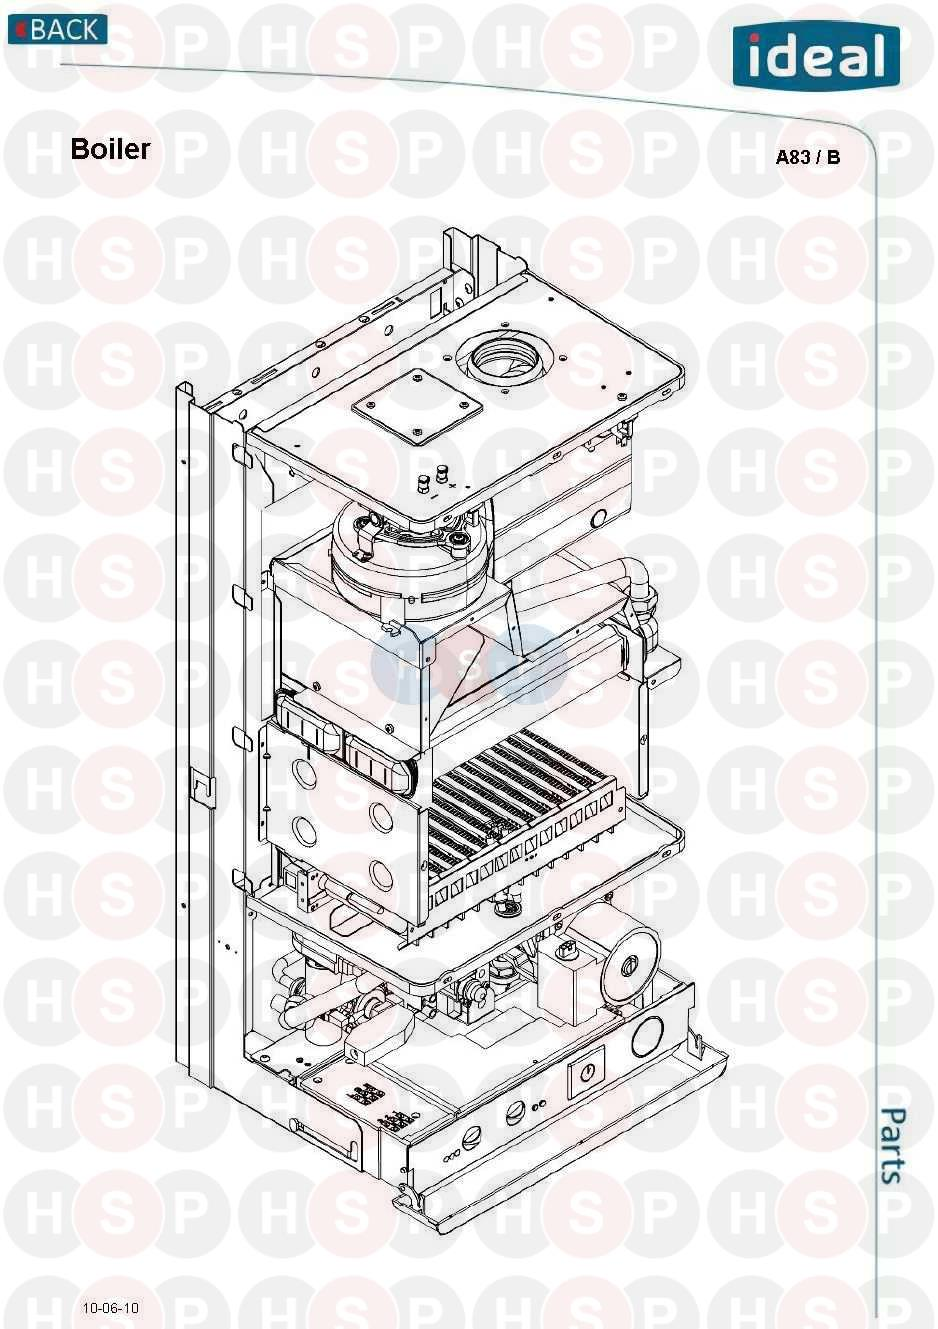 C28 manual